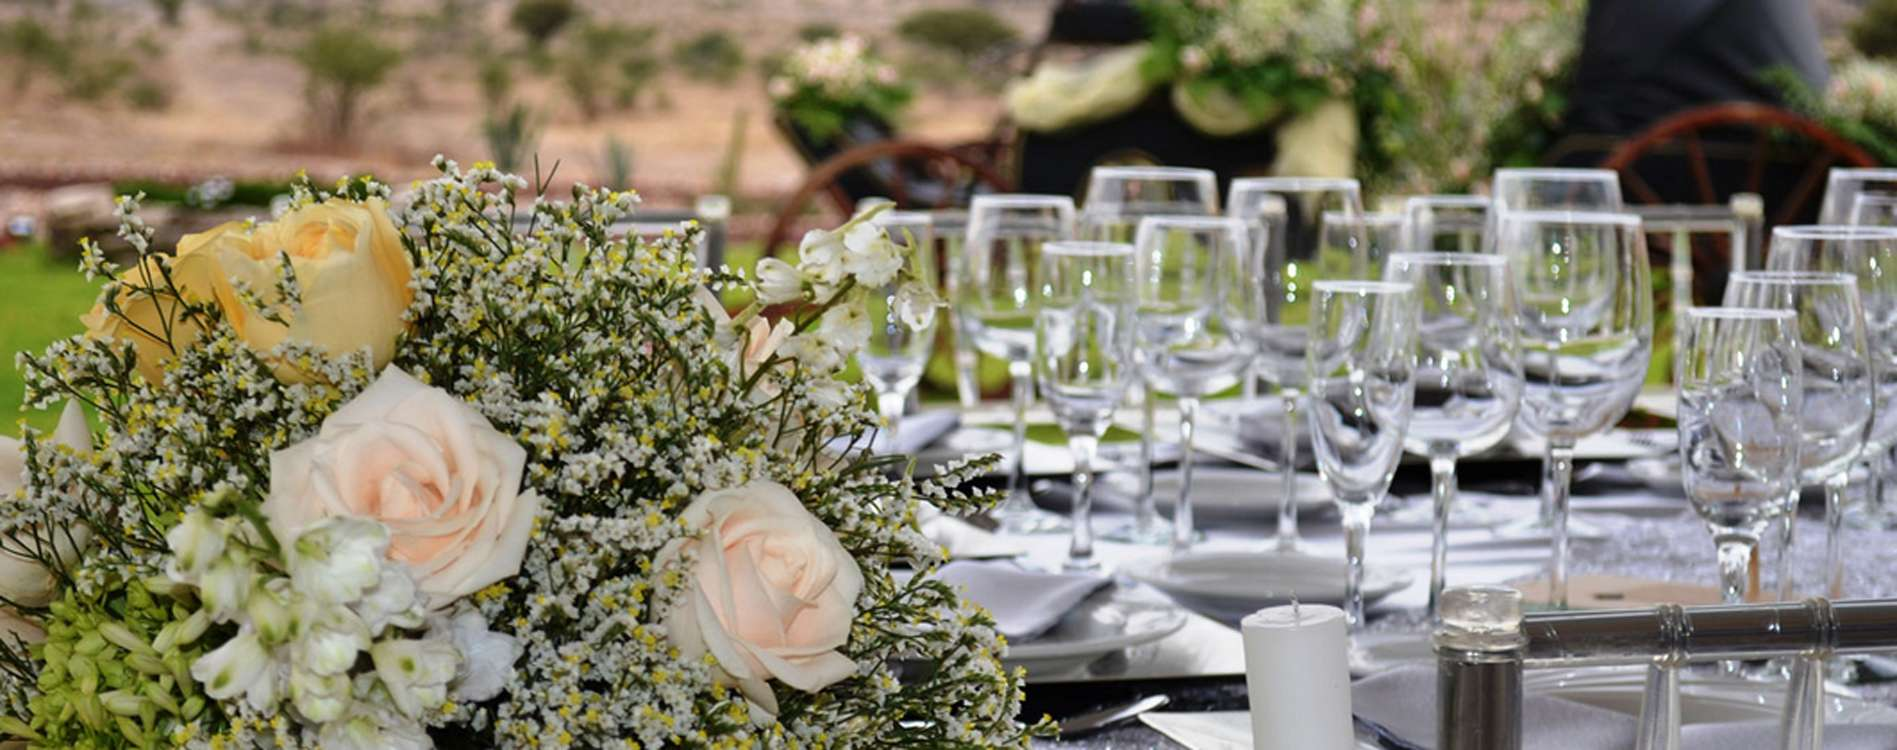 Planeacion bodas. Foto: Hacienda Los Picachos